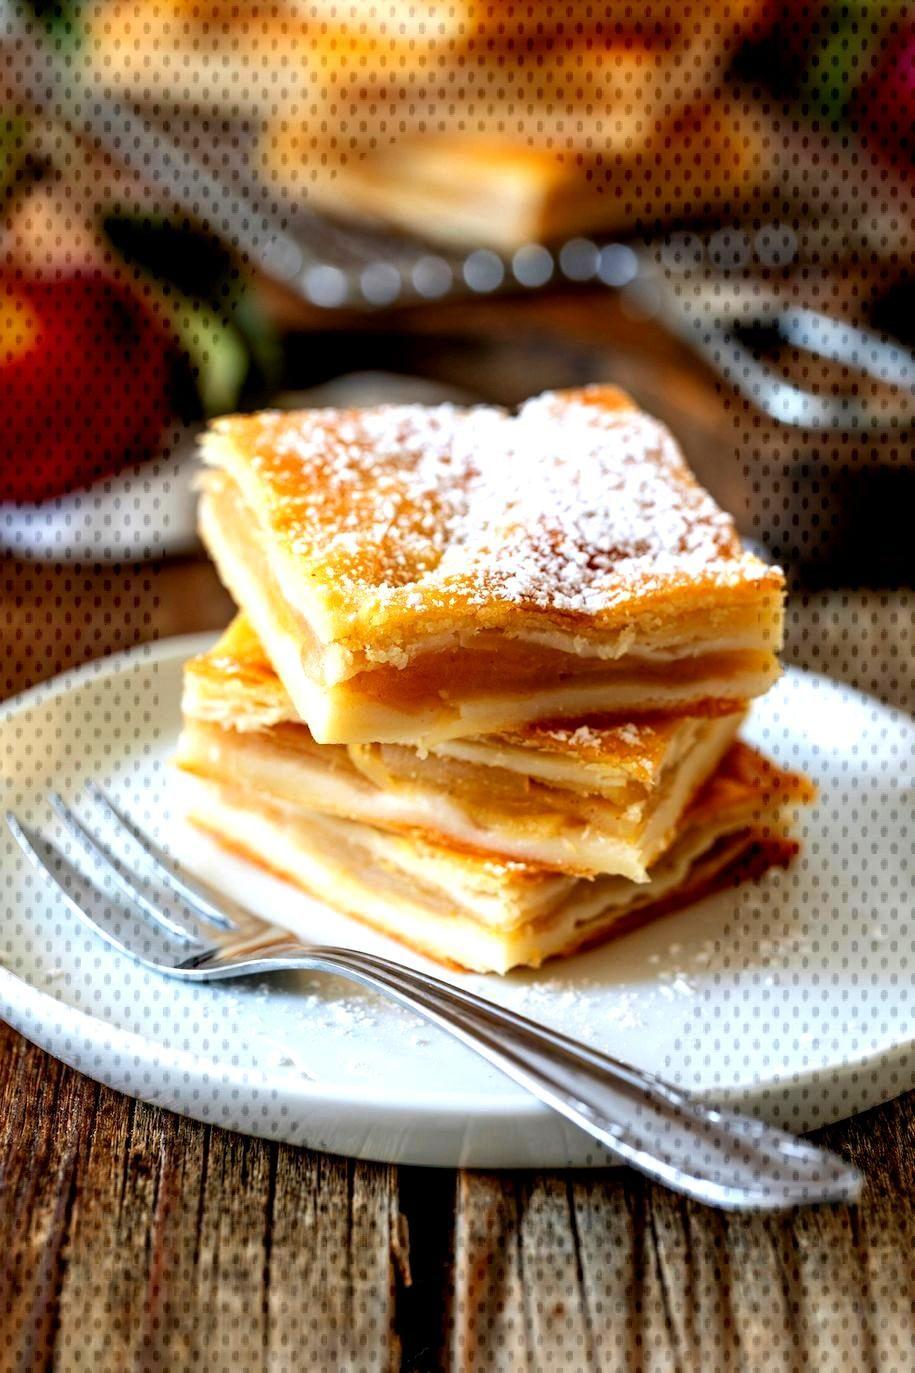 Gedeckter Apfelkuchen Rezept - Einfaches Rezept für einen gedeckten Apfelkuchen aus Topfenteig vom